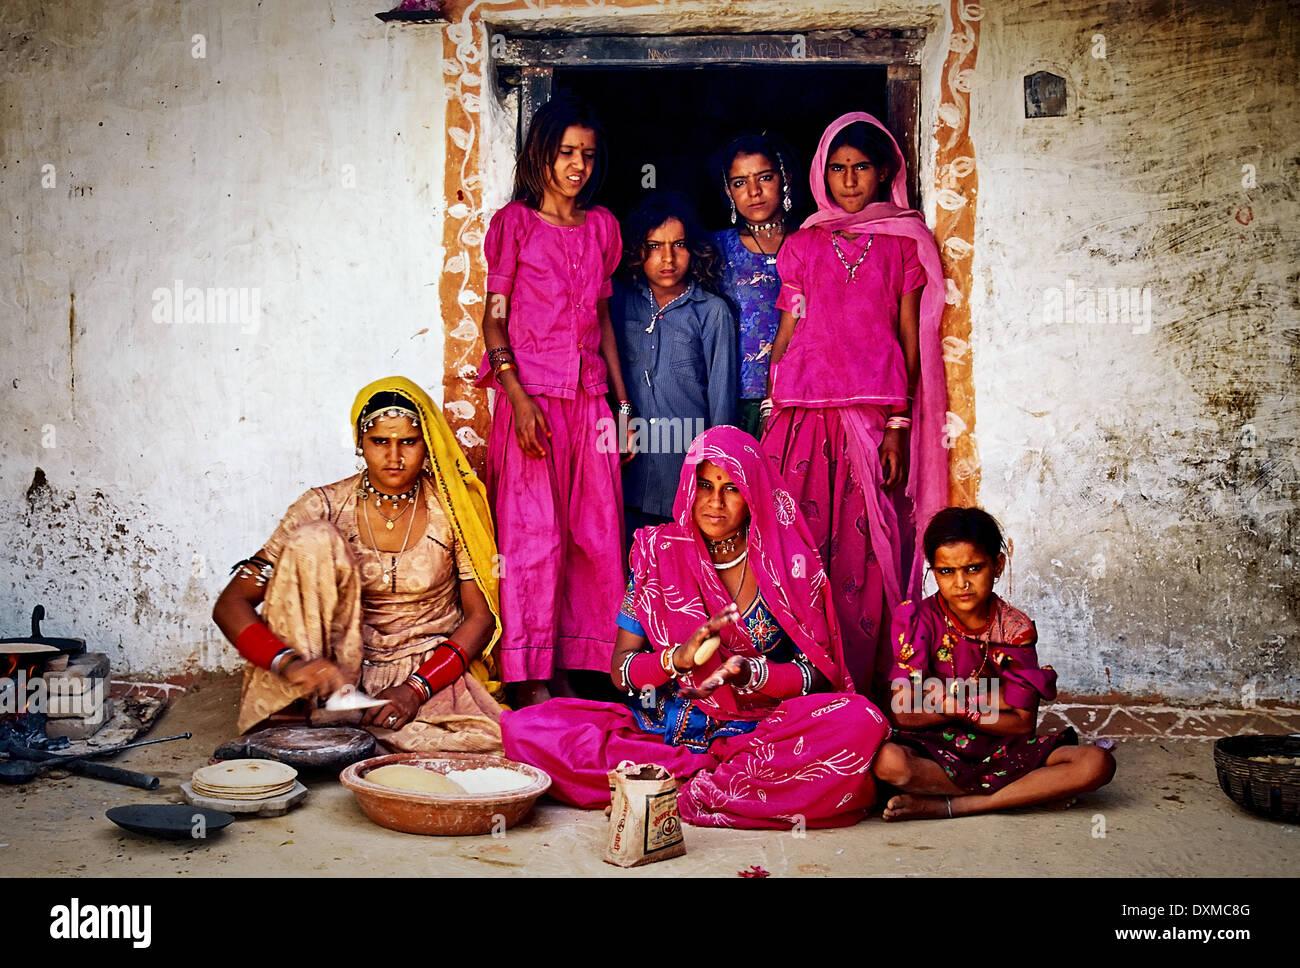 Villaggio indiano della famiglia in un portale in un villaggio vicino a Jodhpur, India. Manipolati digitalmente Foto Stock